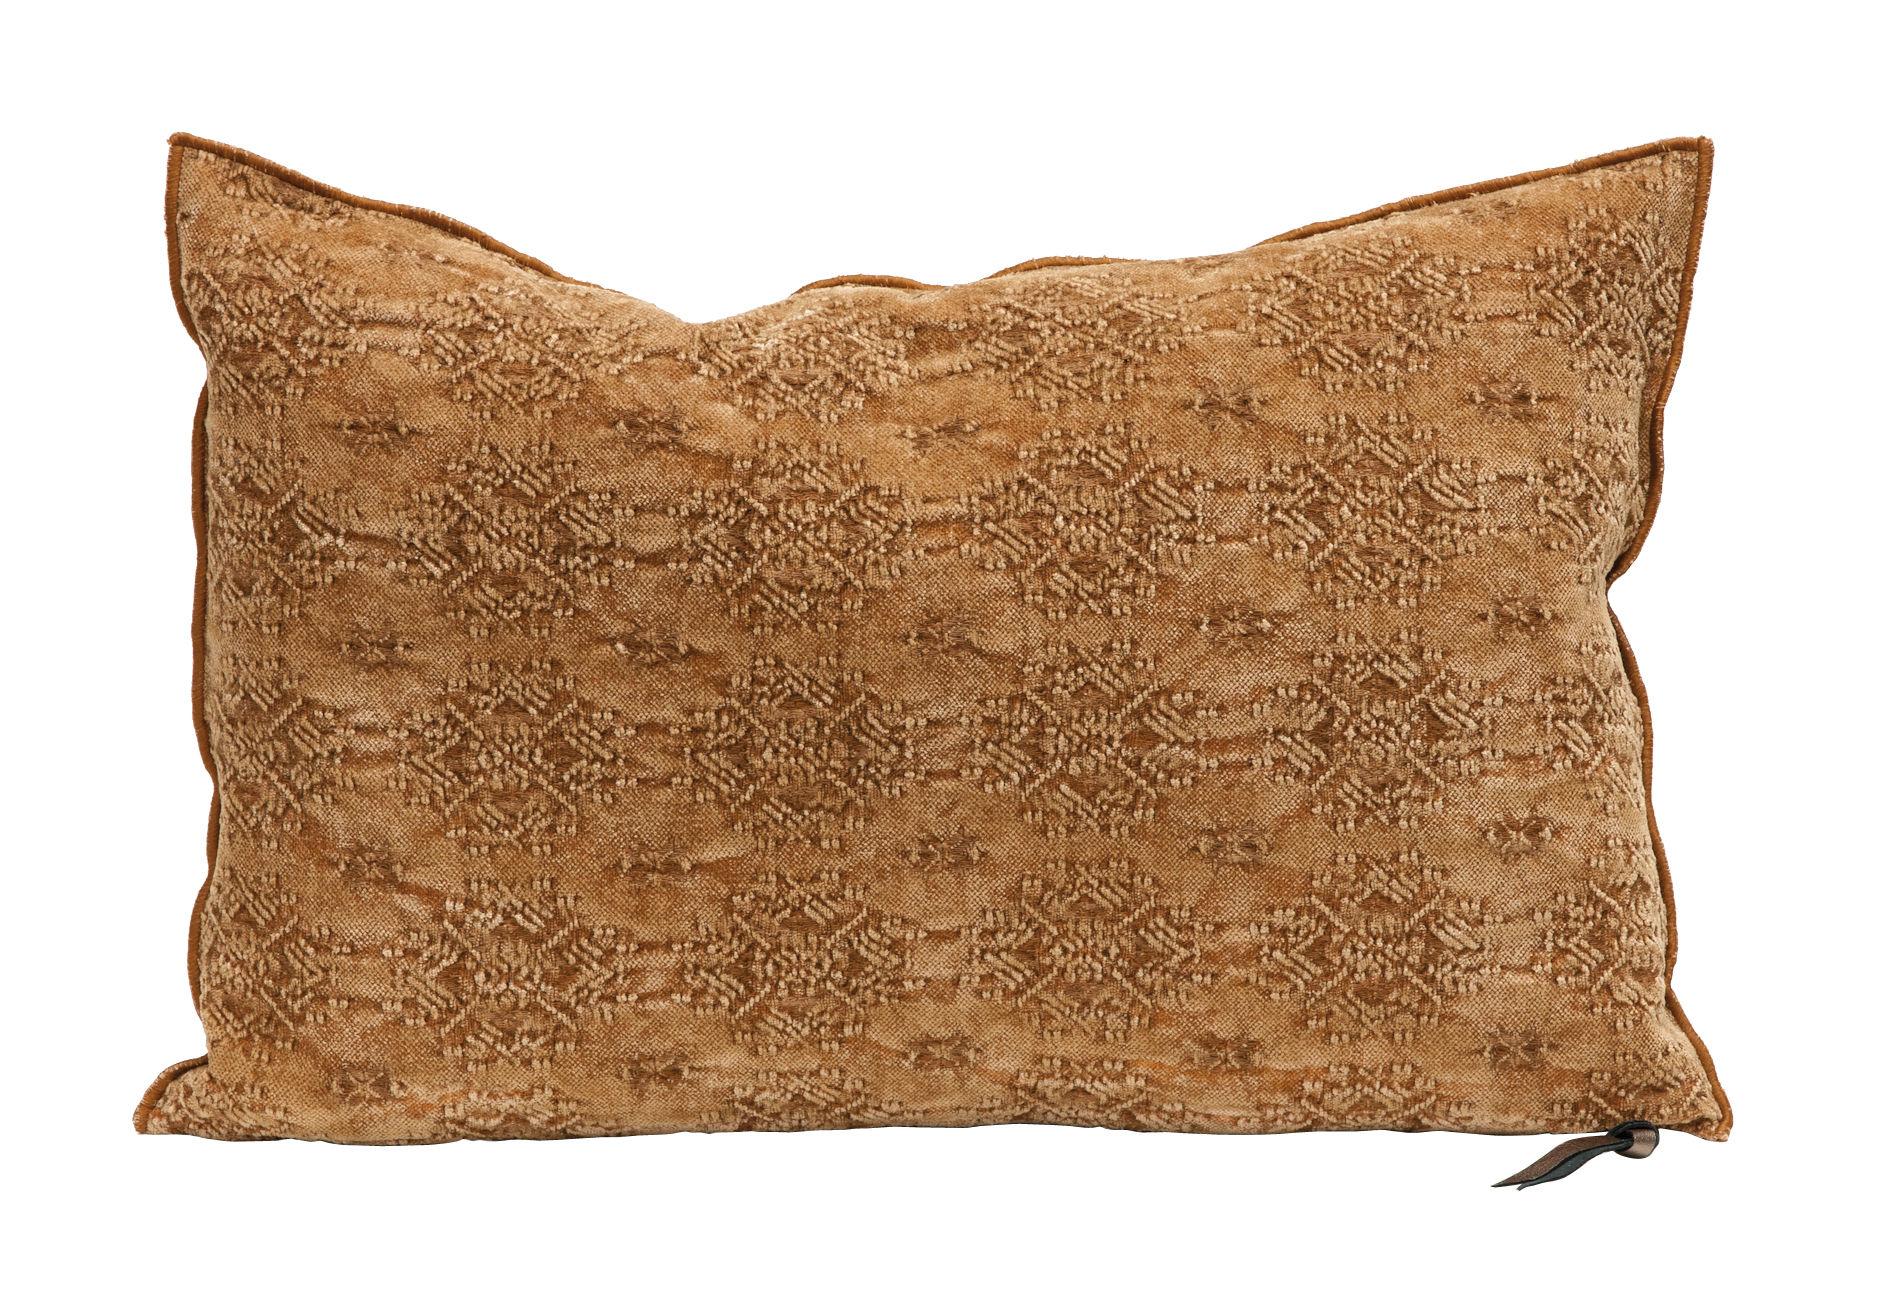 coussin vice versa 40 x 60 cm jacquard kilim terracotta maison de vacances. Black Bedroom Furniture Sets. Home Design Ideas